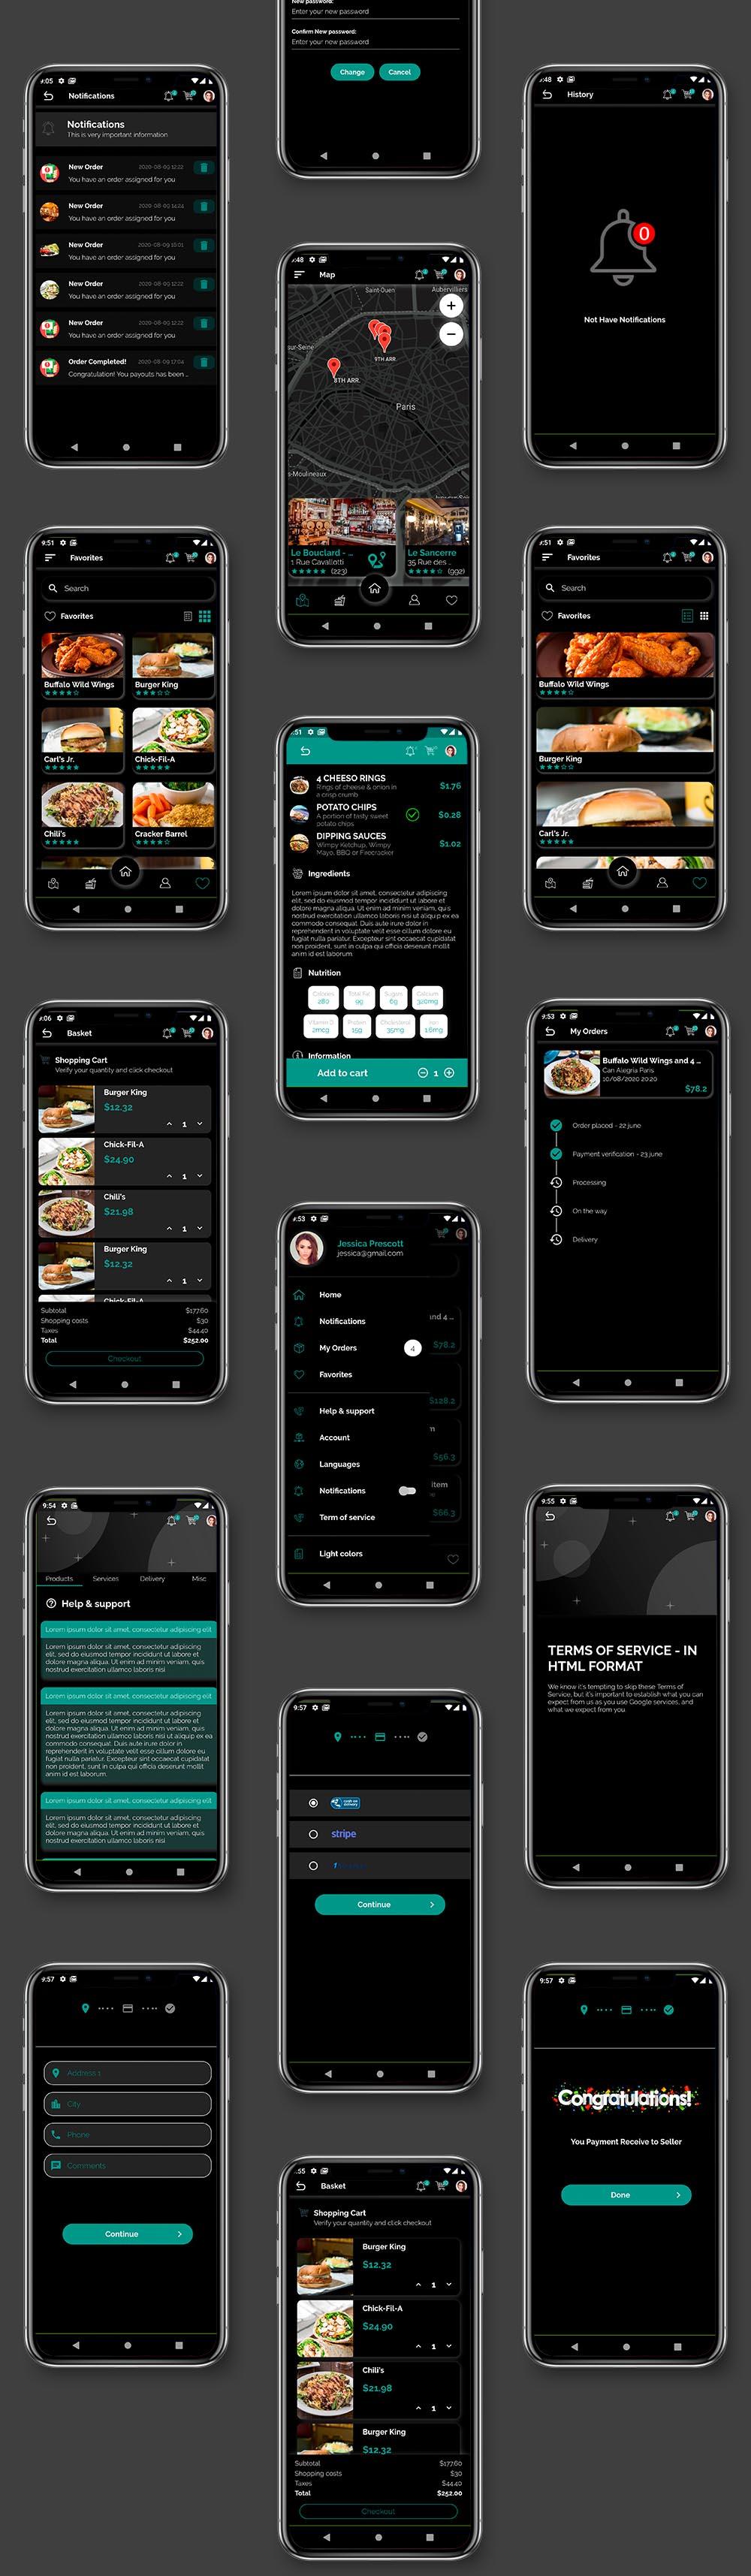 Kit d'interface utilisateur de livraison de nourriture dans Flutter - 3 applications - Application client + application de livraison + application propriétaire - 8